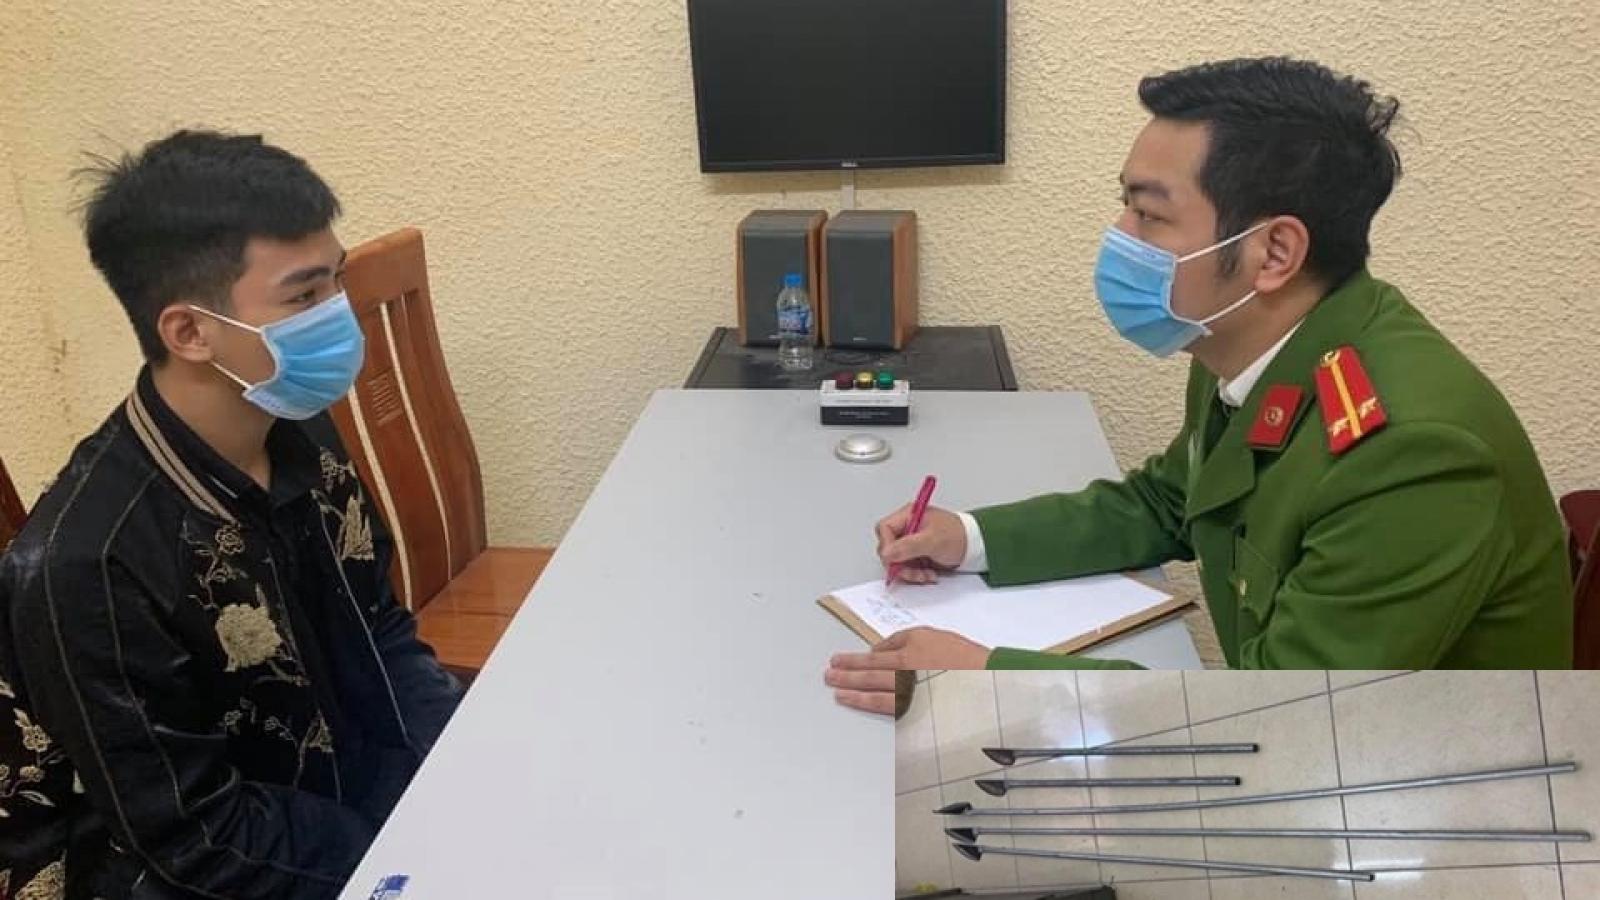 """Khởi tố nhóm đối tượng cầm hung khí hẹn nhau """"hỗn chiến"""" trong đêm tại Hà Nội"""